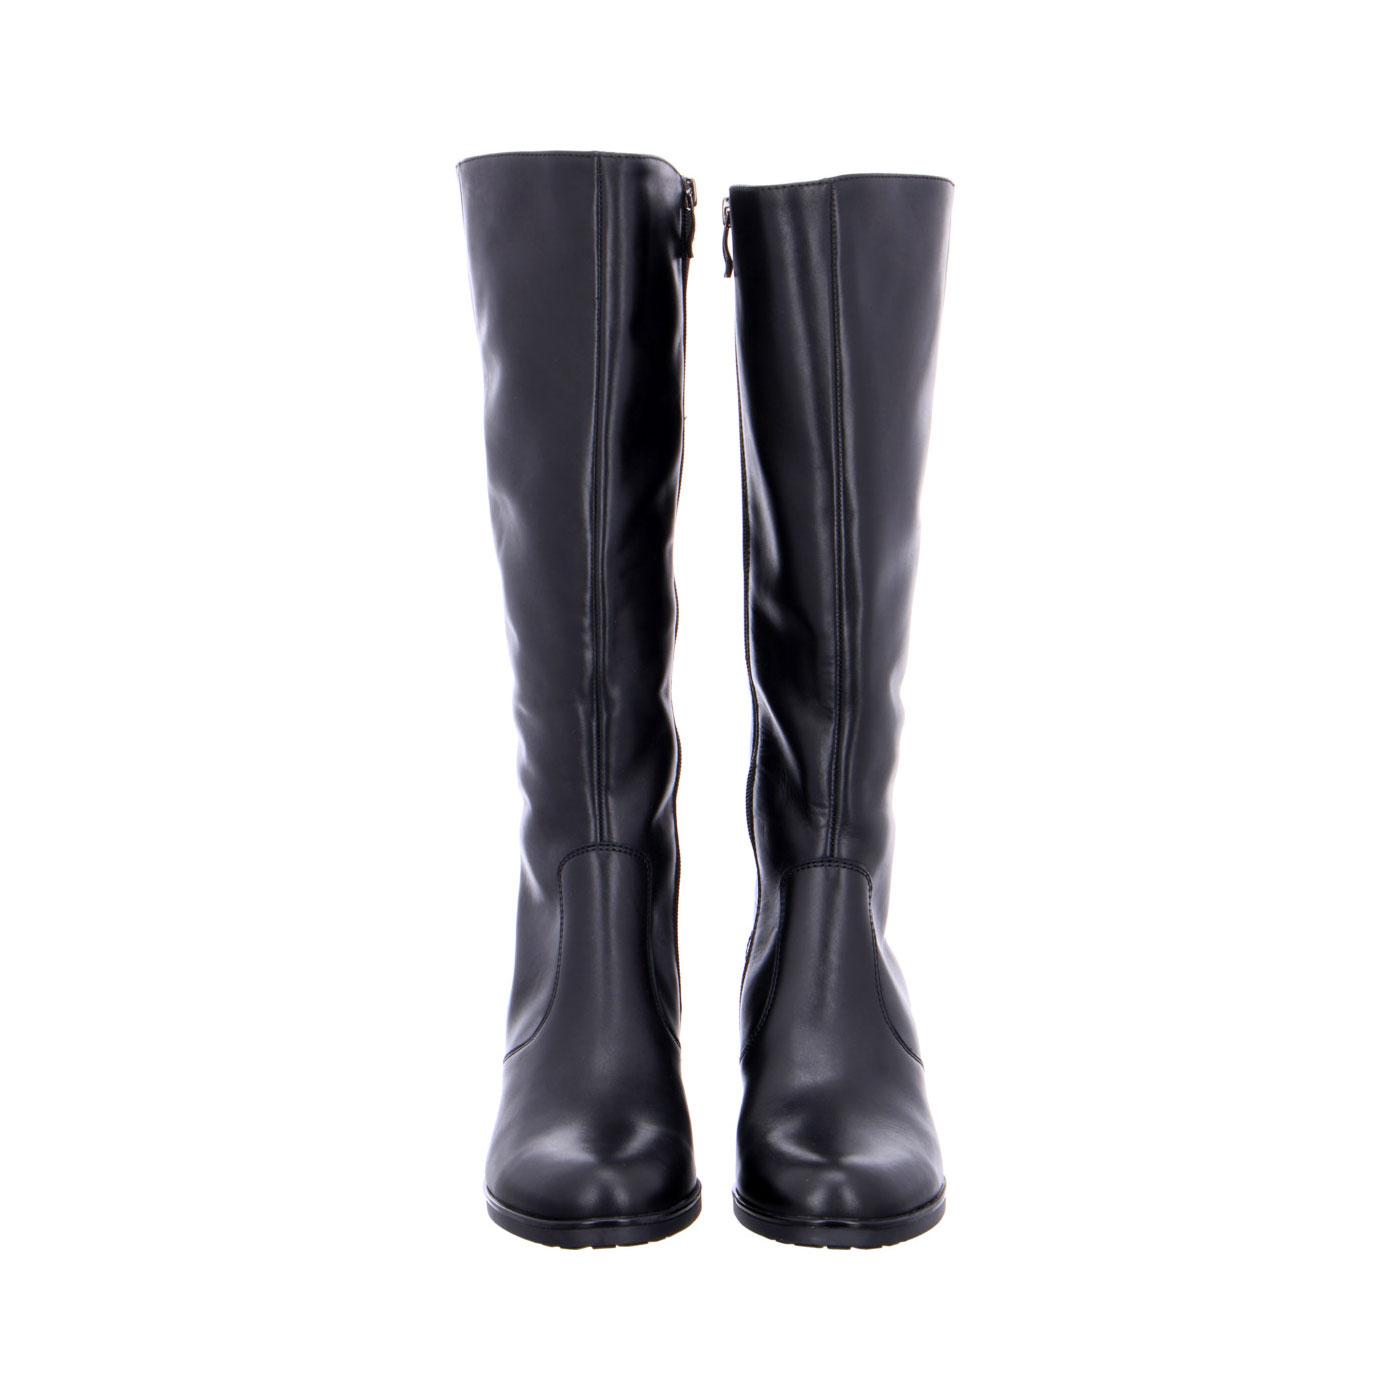 чифт дамски черни кожени ботуши с ток ara 12-16910-71